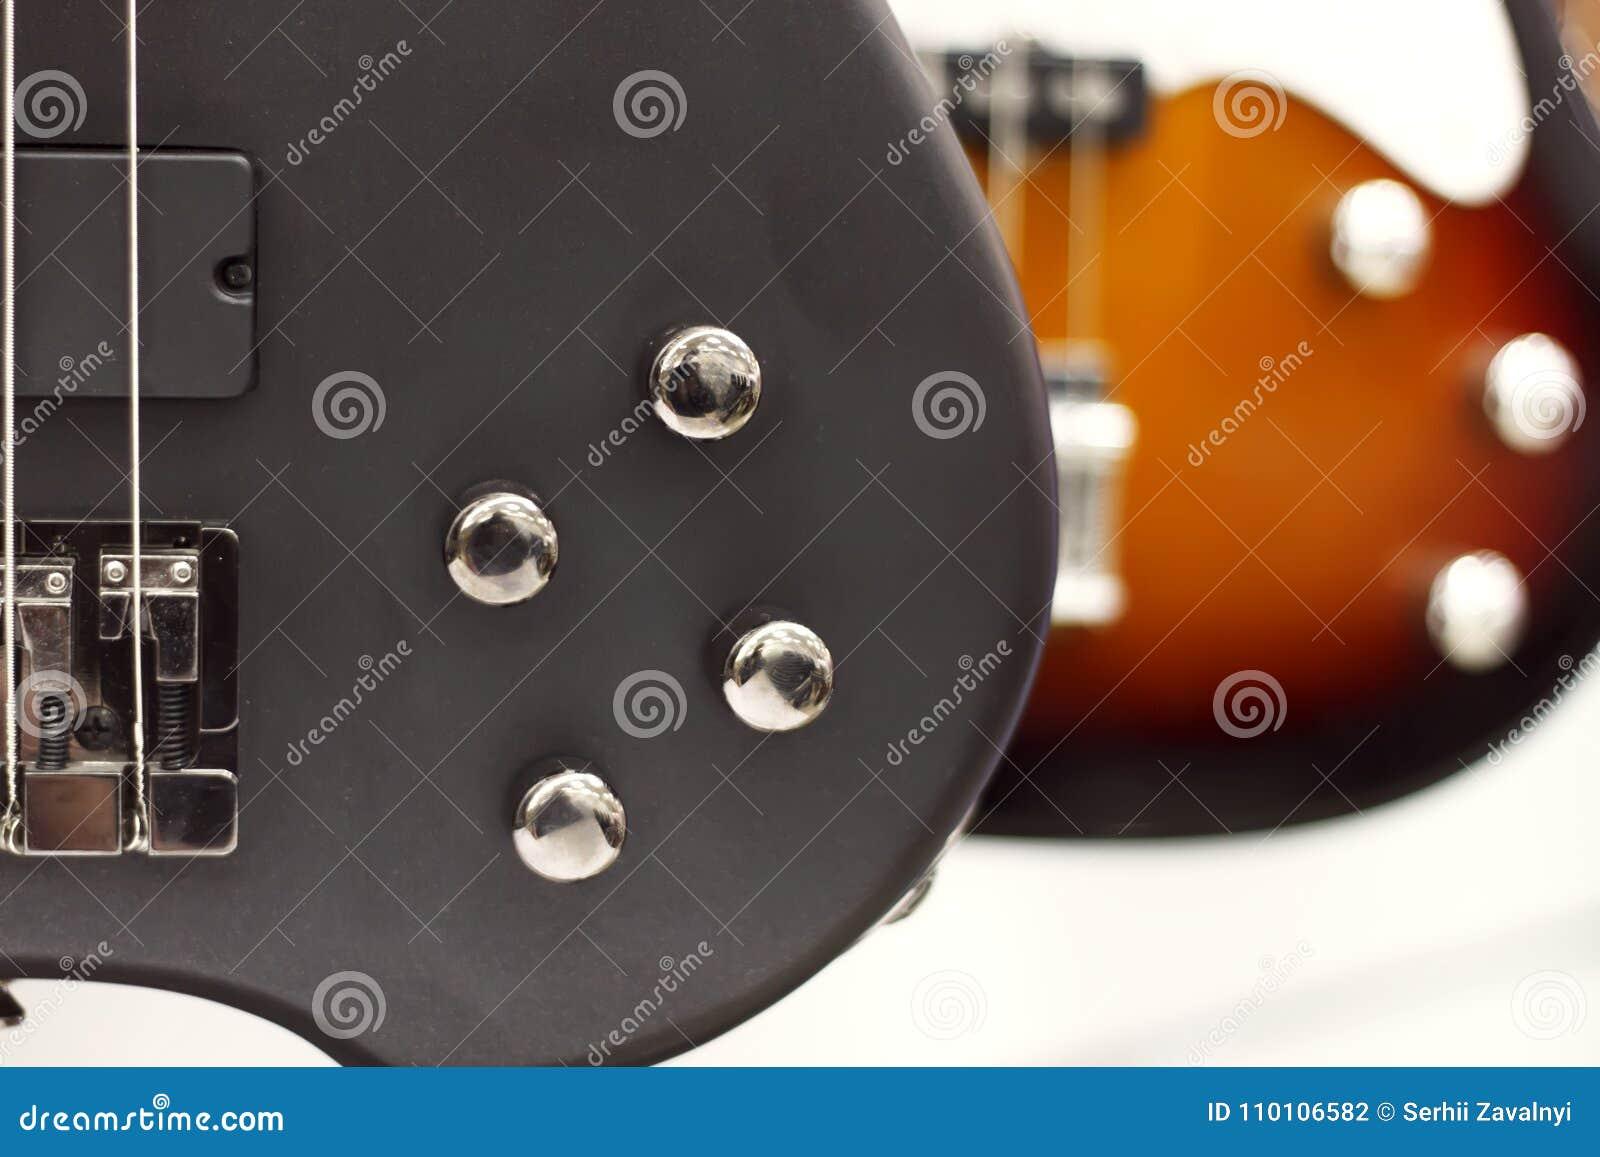 Närbild för elektrisk gitarr med en mjuk fokus av svart färg, signalstyrning, volym